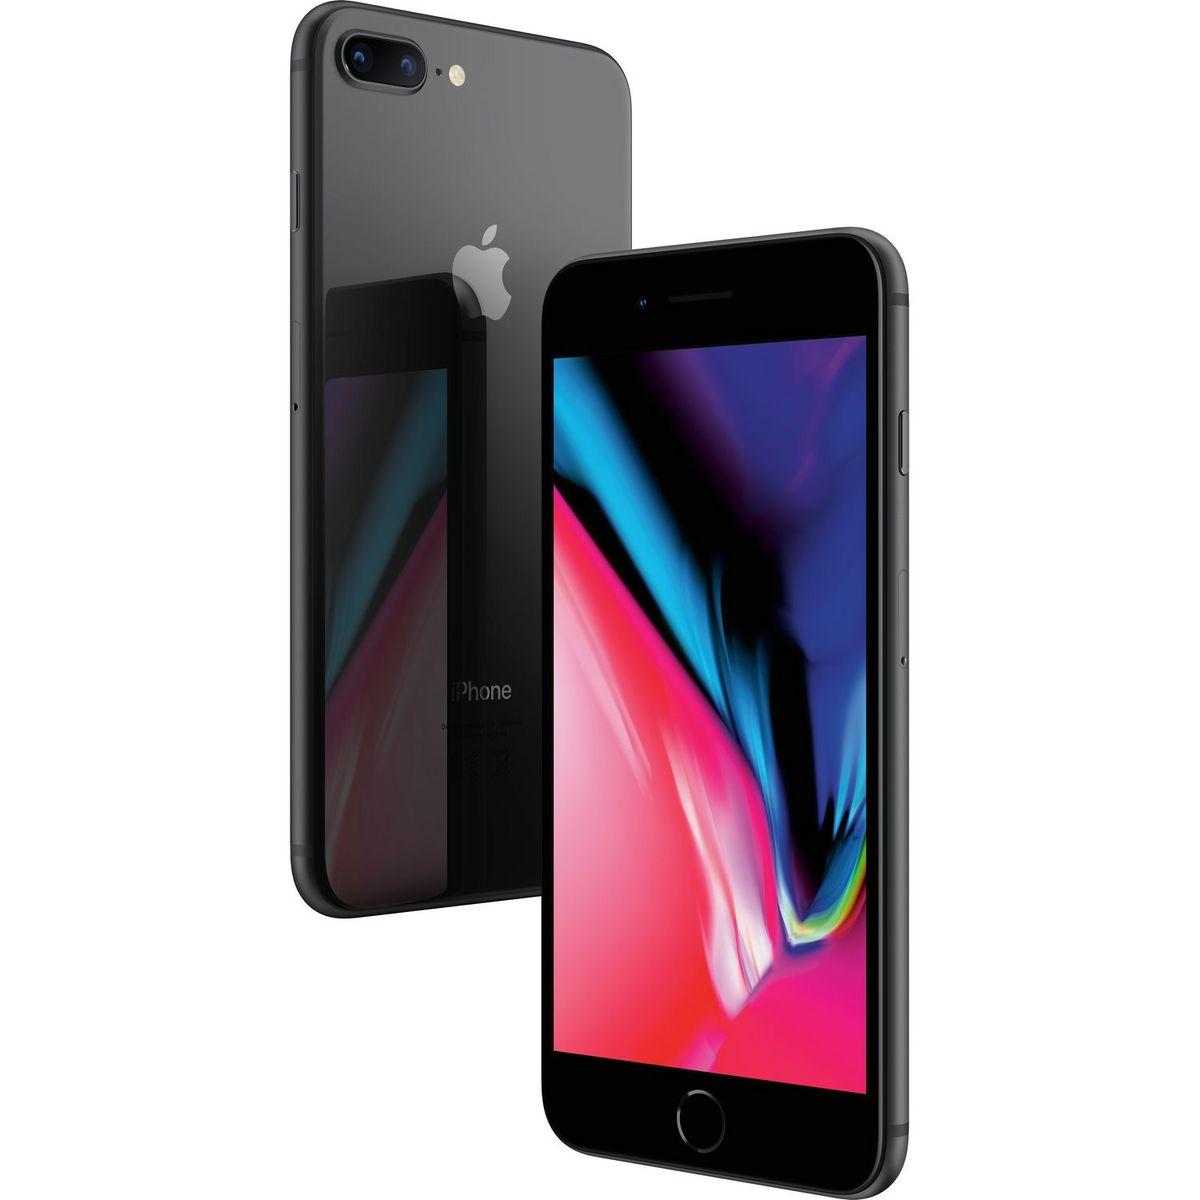 APPLE iPhone 8 Plus 128 Go 5.5 pouces Gris sidéral NanoSim